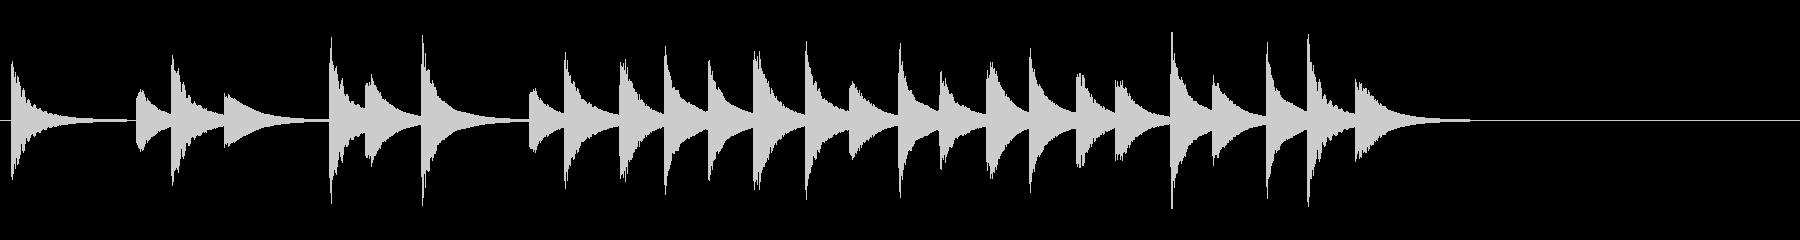 邦楽囃子の小さな鉦、松虫の軽快フレーズ音の未再生の波形